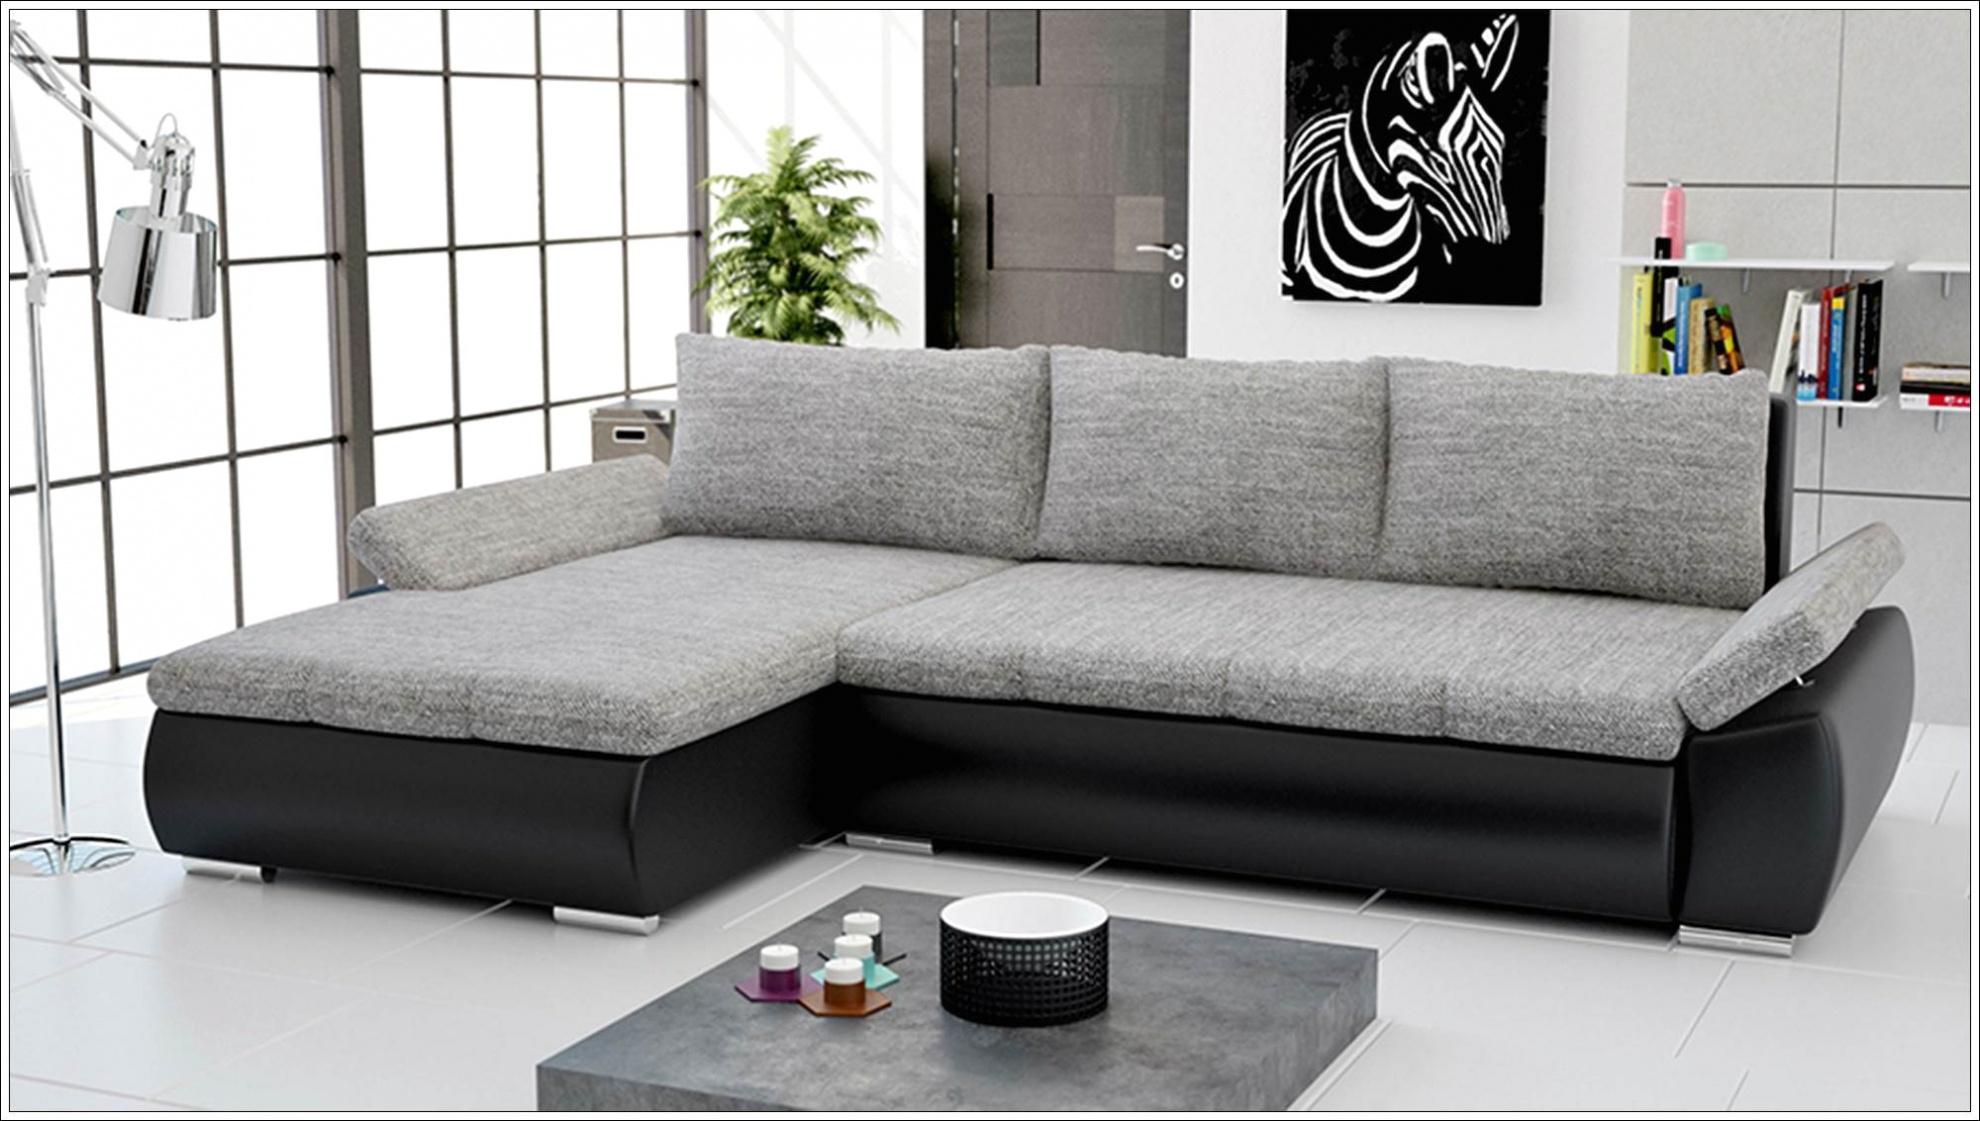 Canapé Cuir Convertible Ikea Élégant Images Maha S Canapé Convertible Moderne Thuis Mahagranda